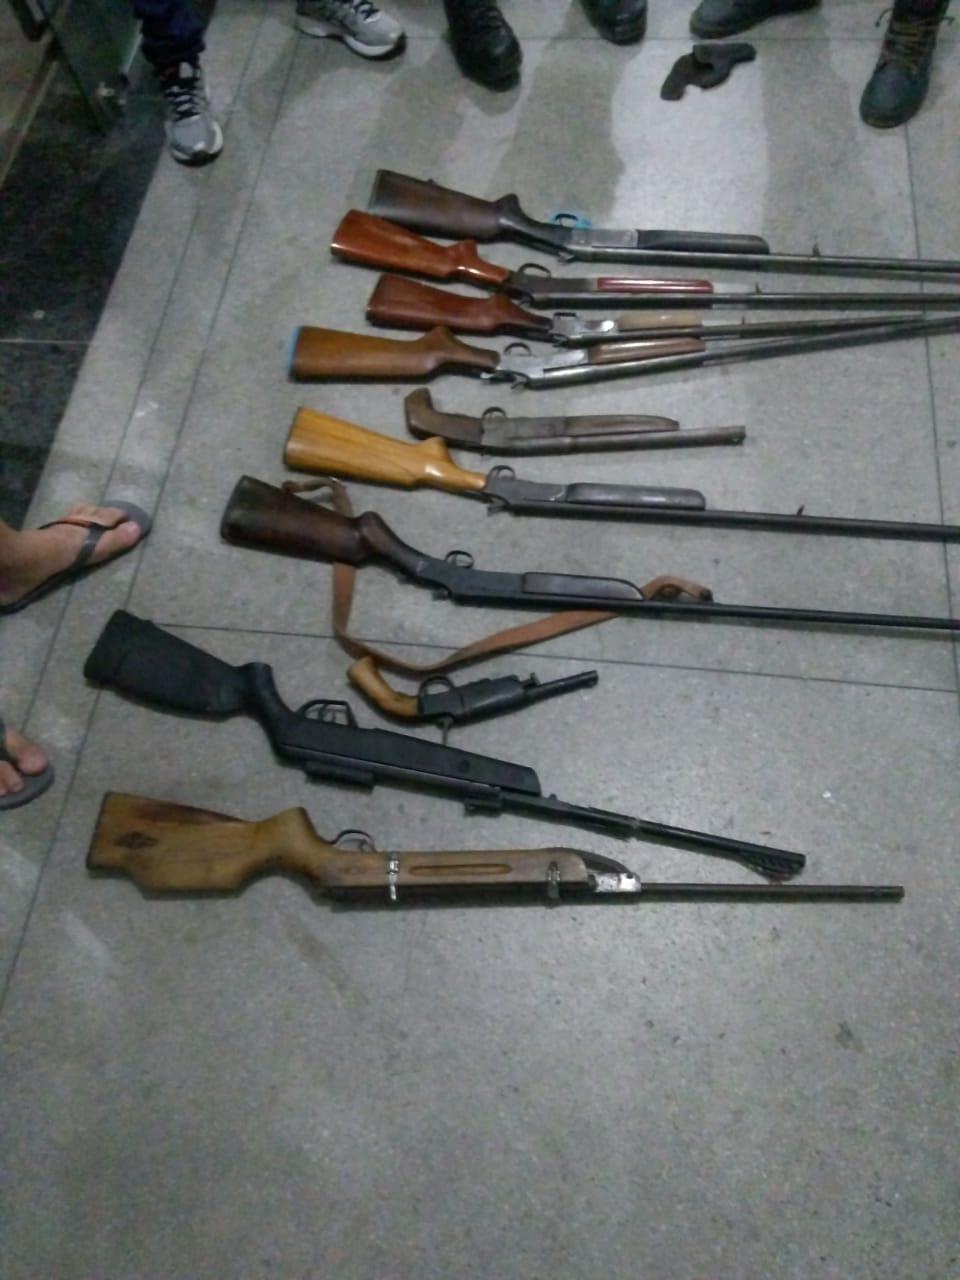 Dez armas foram apreendidas na ação. Foto: Divulgação / PM